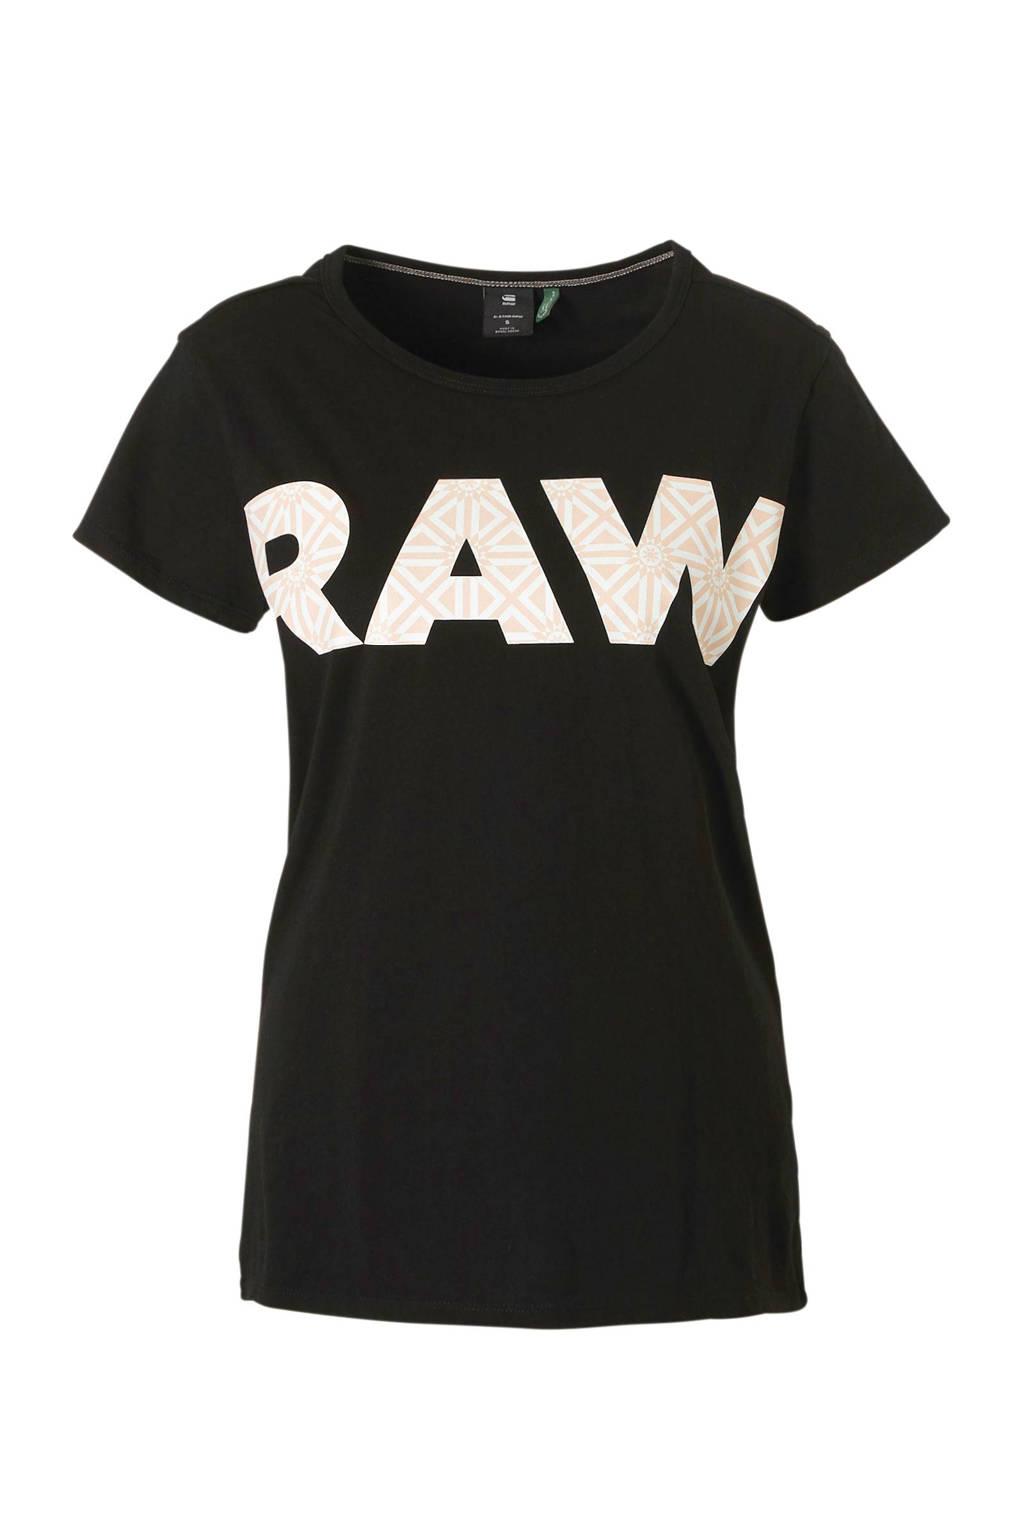 G-Star RAW T-shirt met printopdruk zwart, Zwart